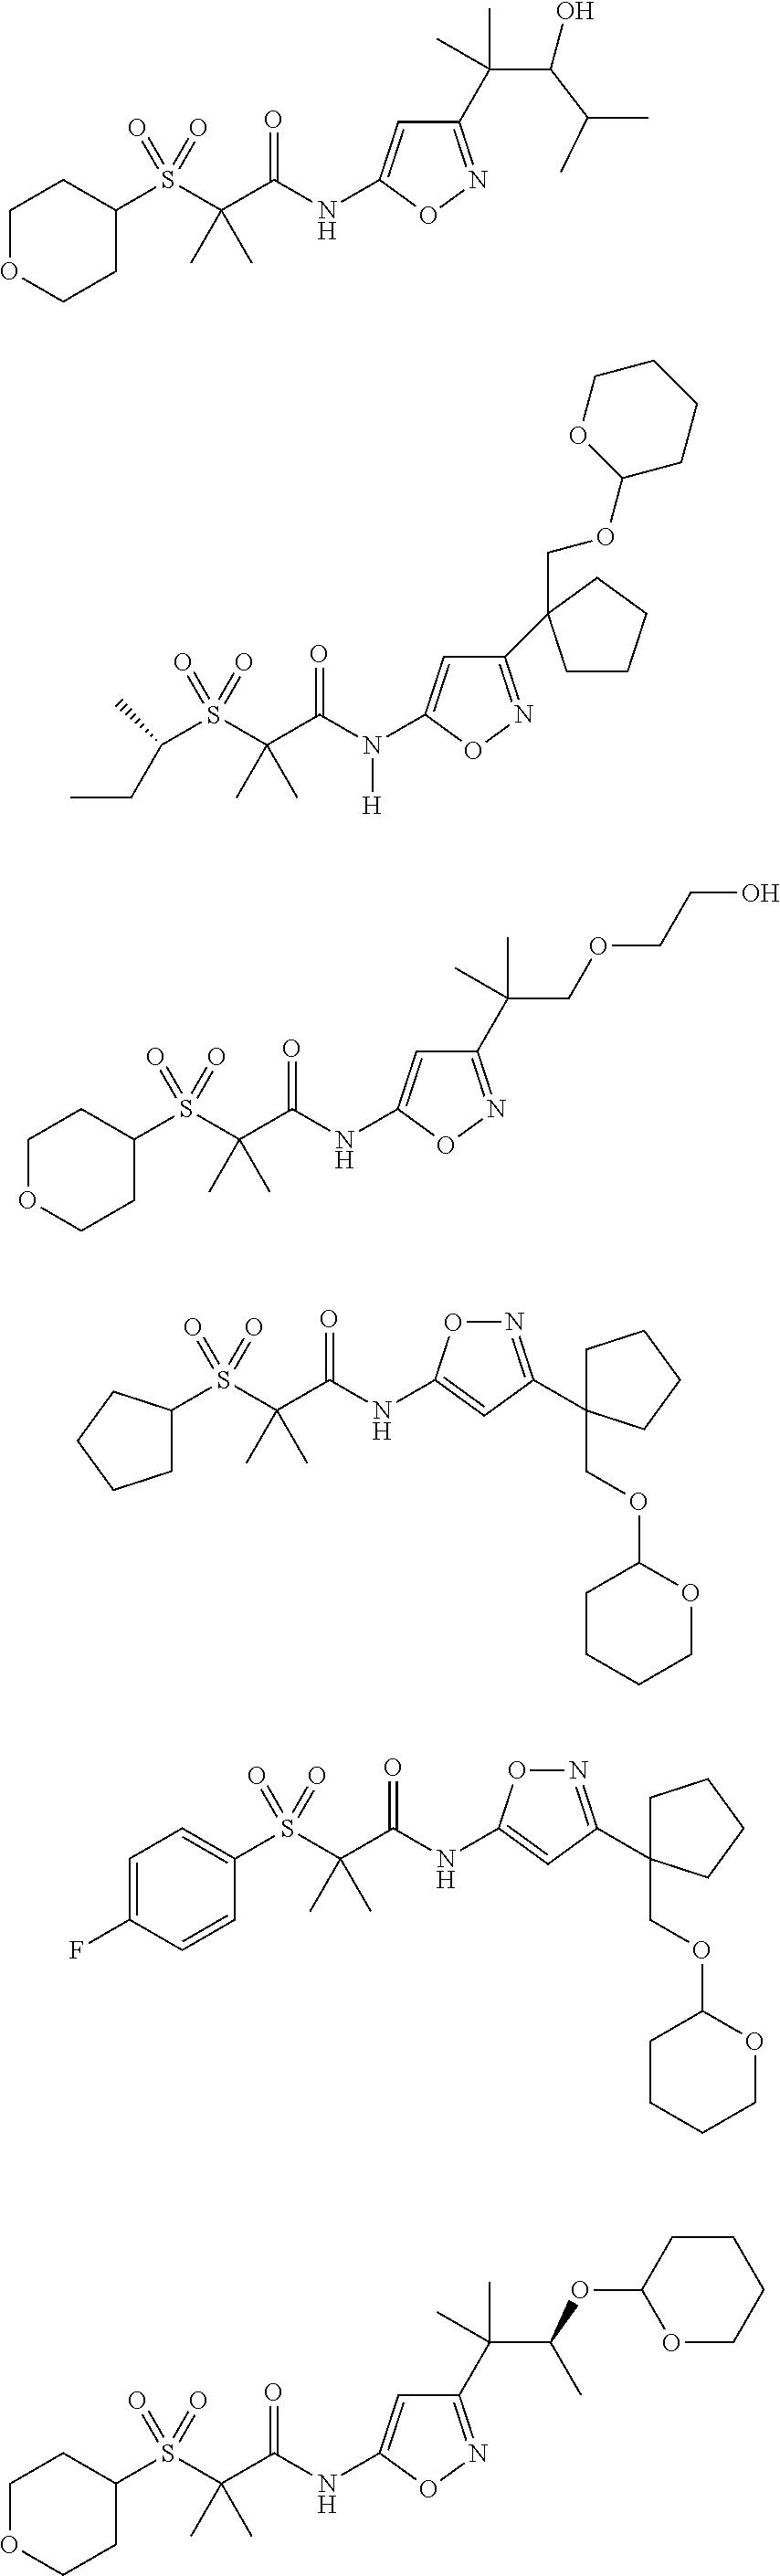 Figure US08372874-20130212-C00470